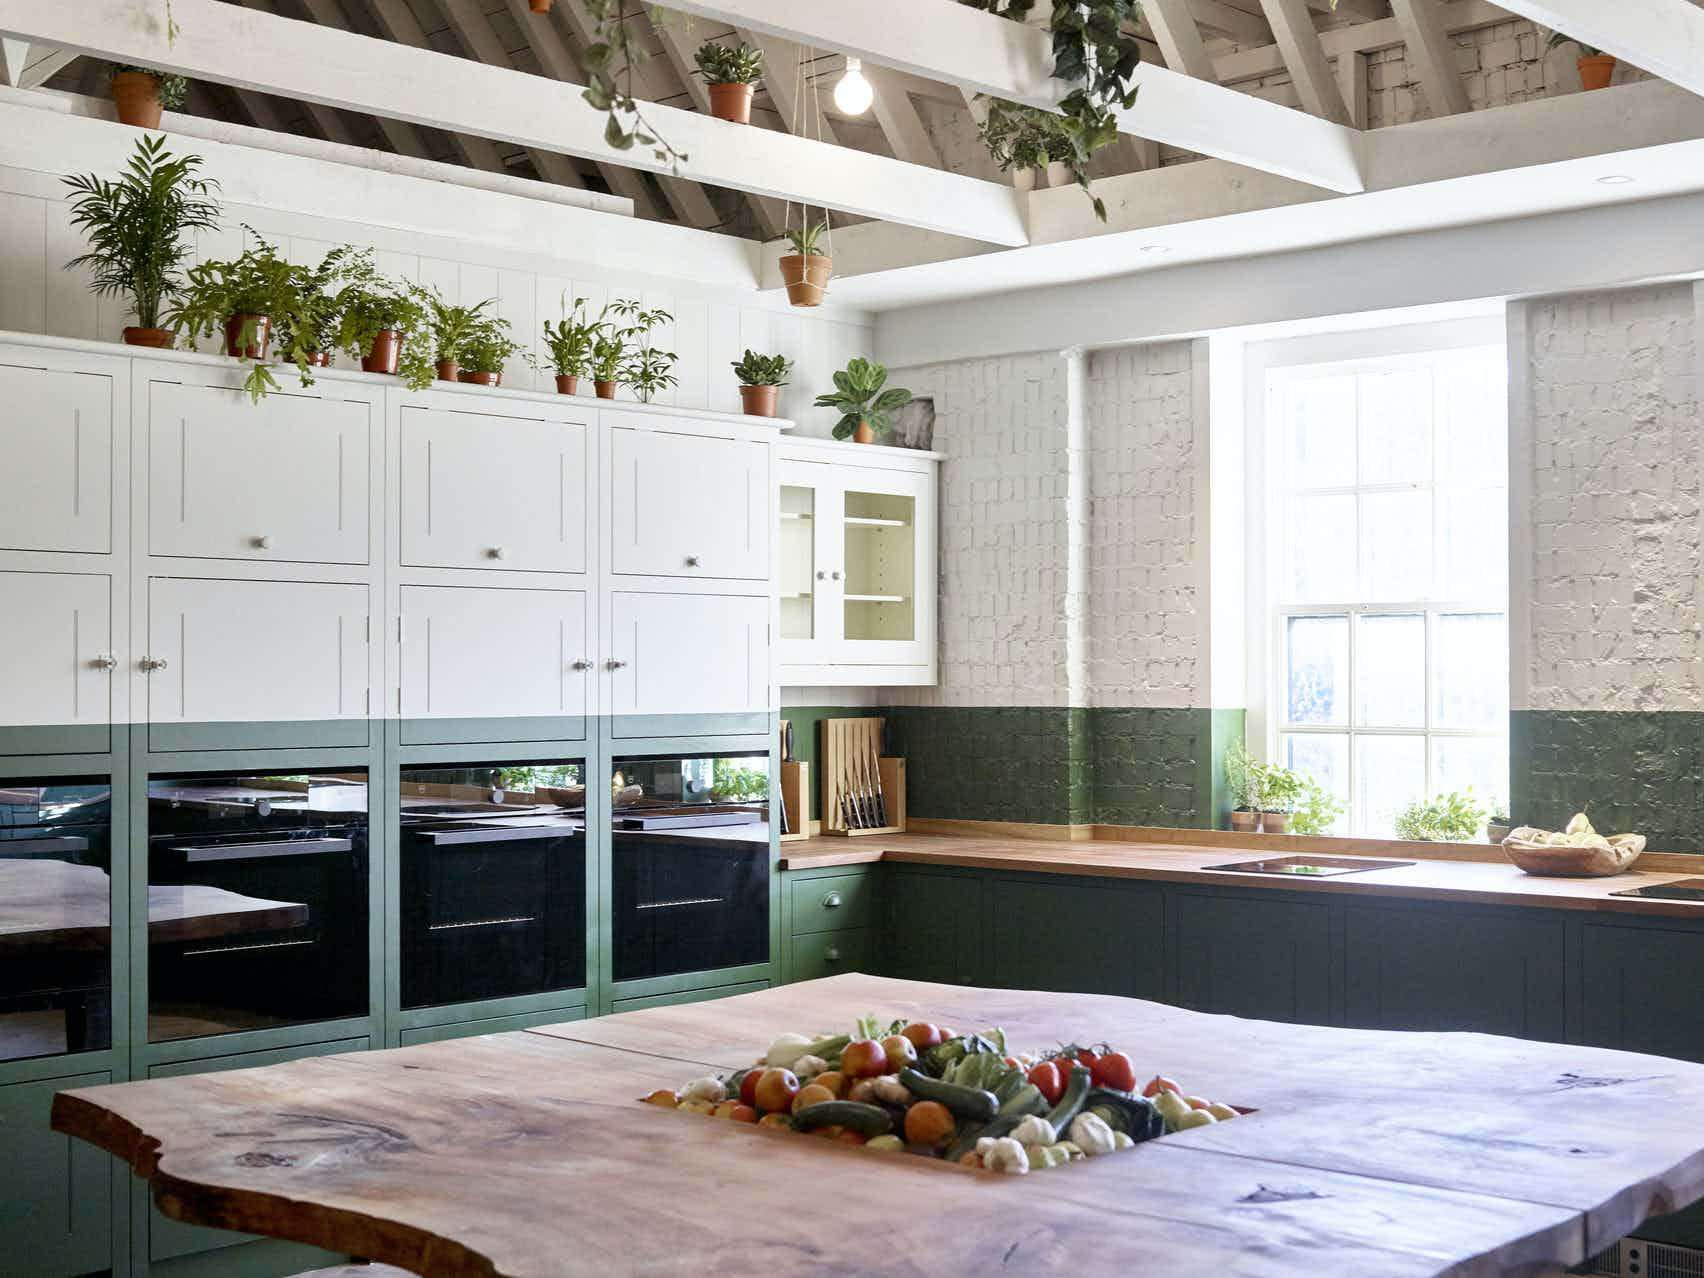 B&H Kitchen, Bourne & Hollingsworth Buildings